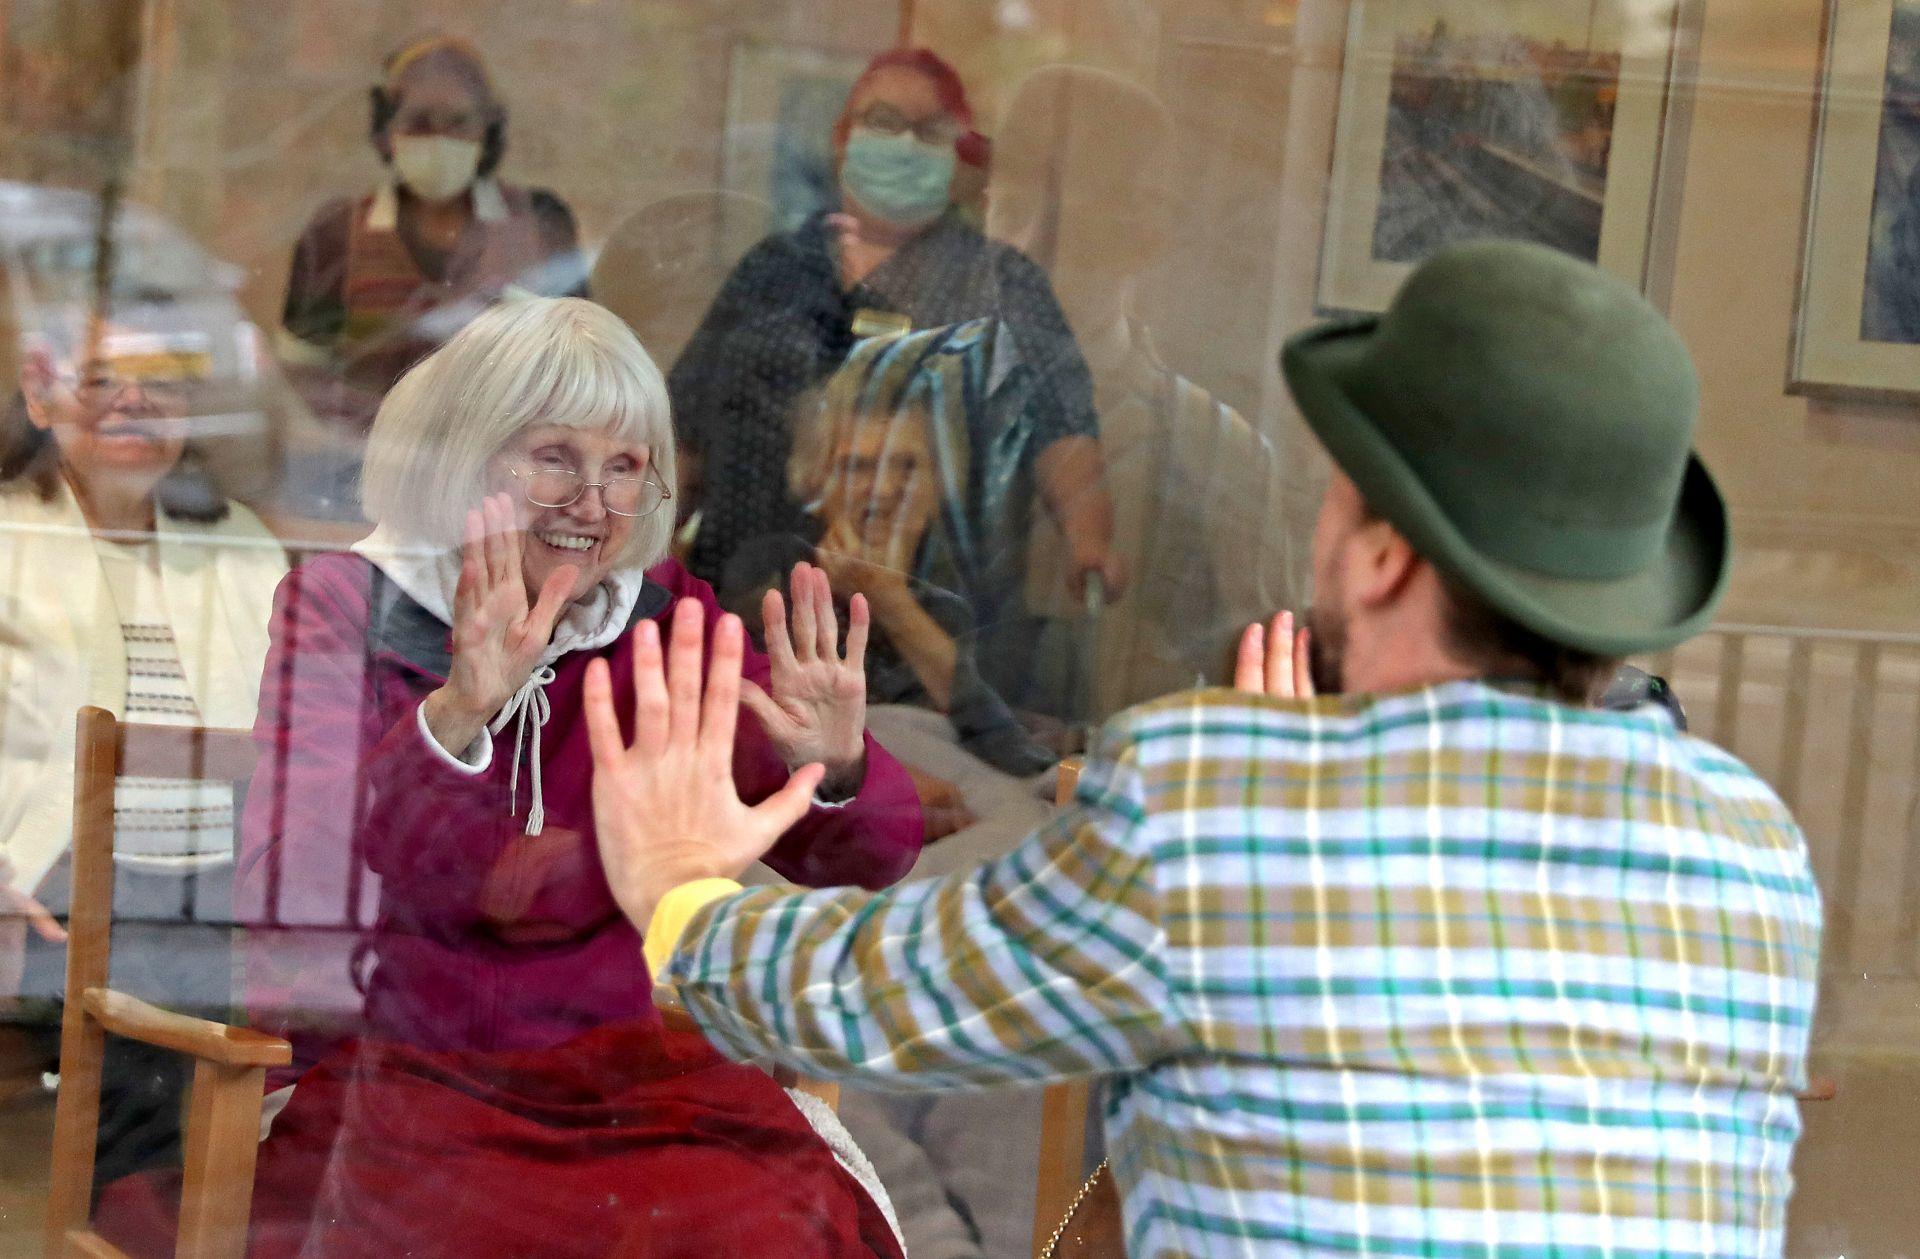 ПРазничен смектакъл през прозореца за домовете за възрастни хора във Великобритания